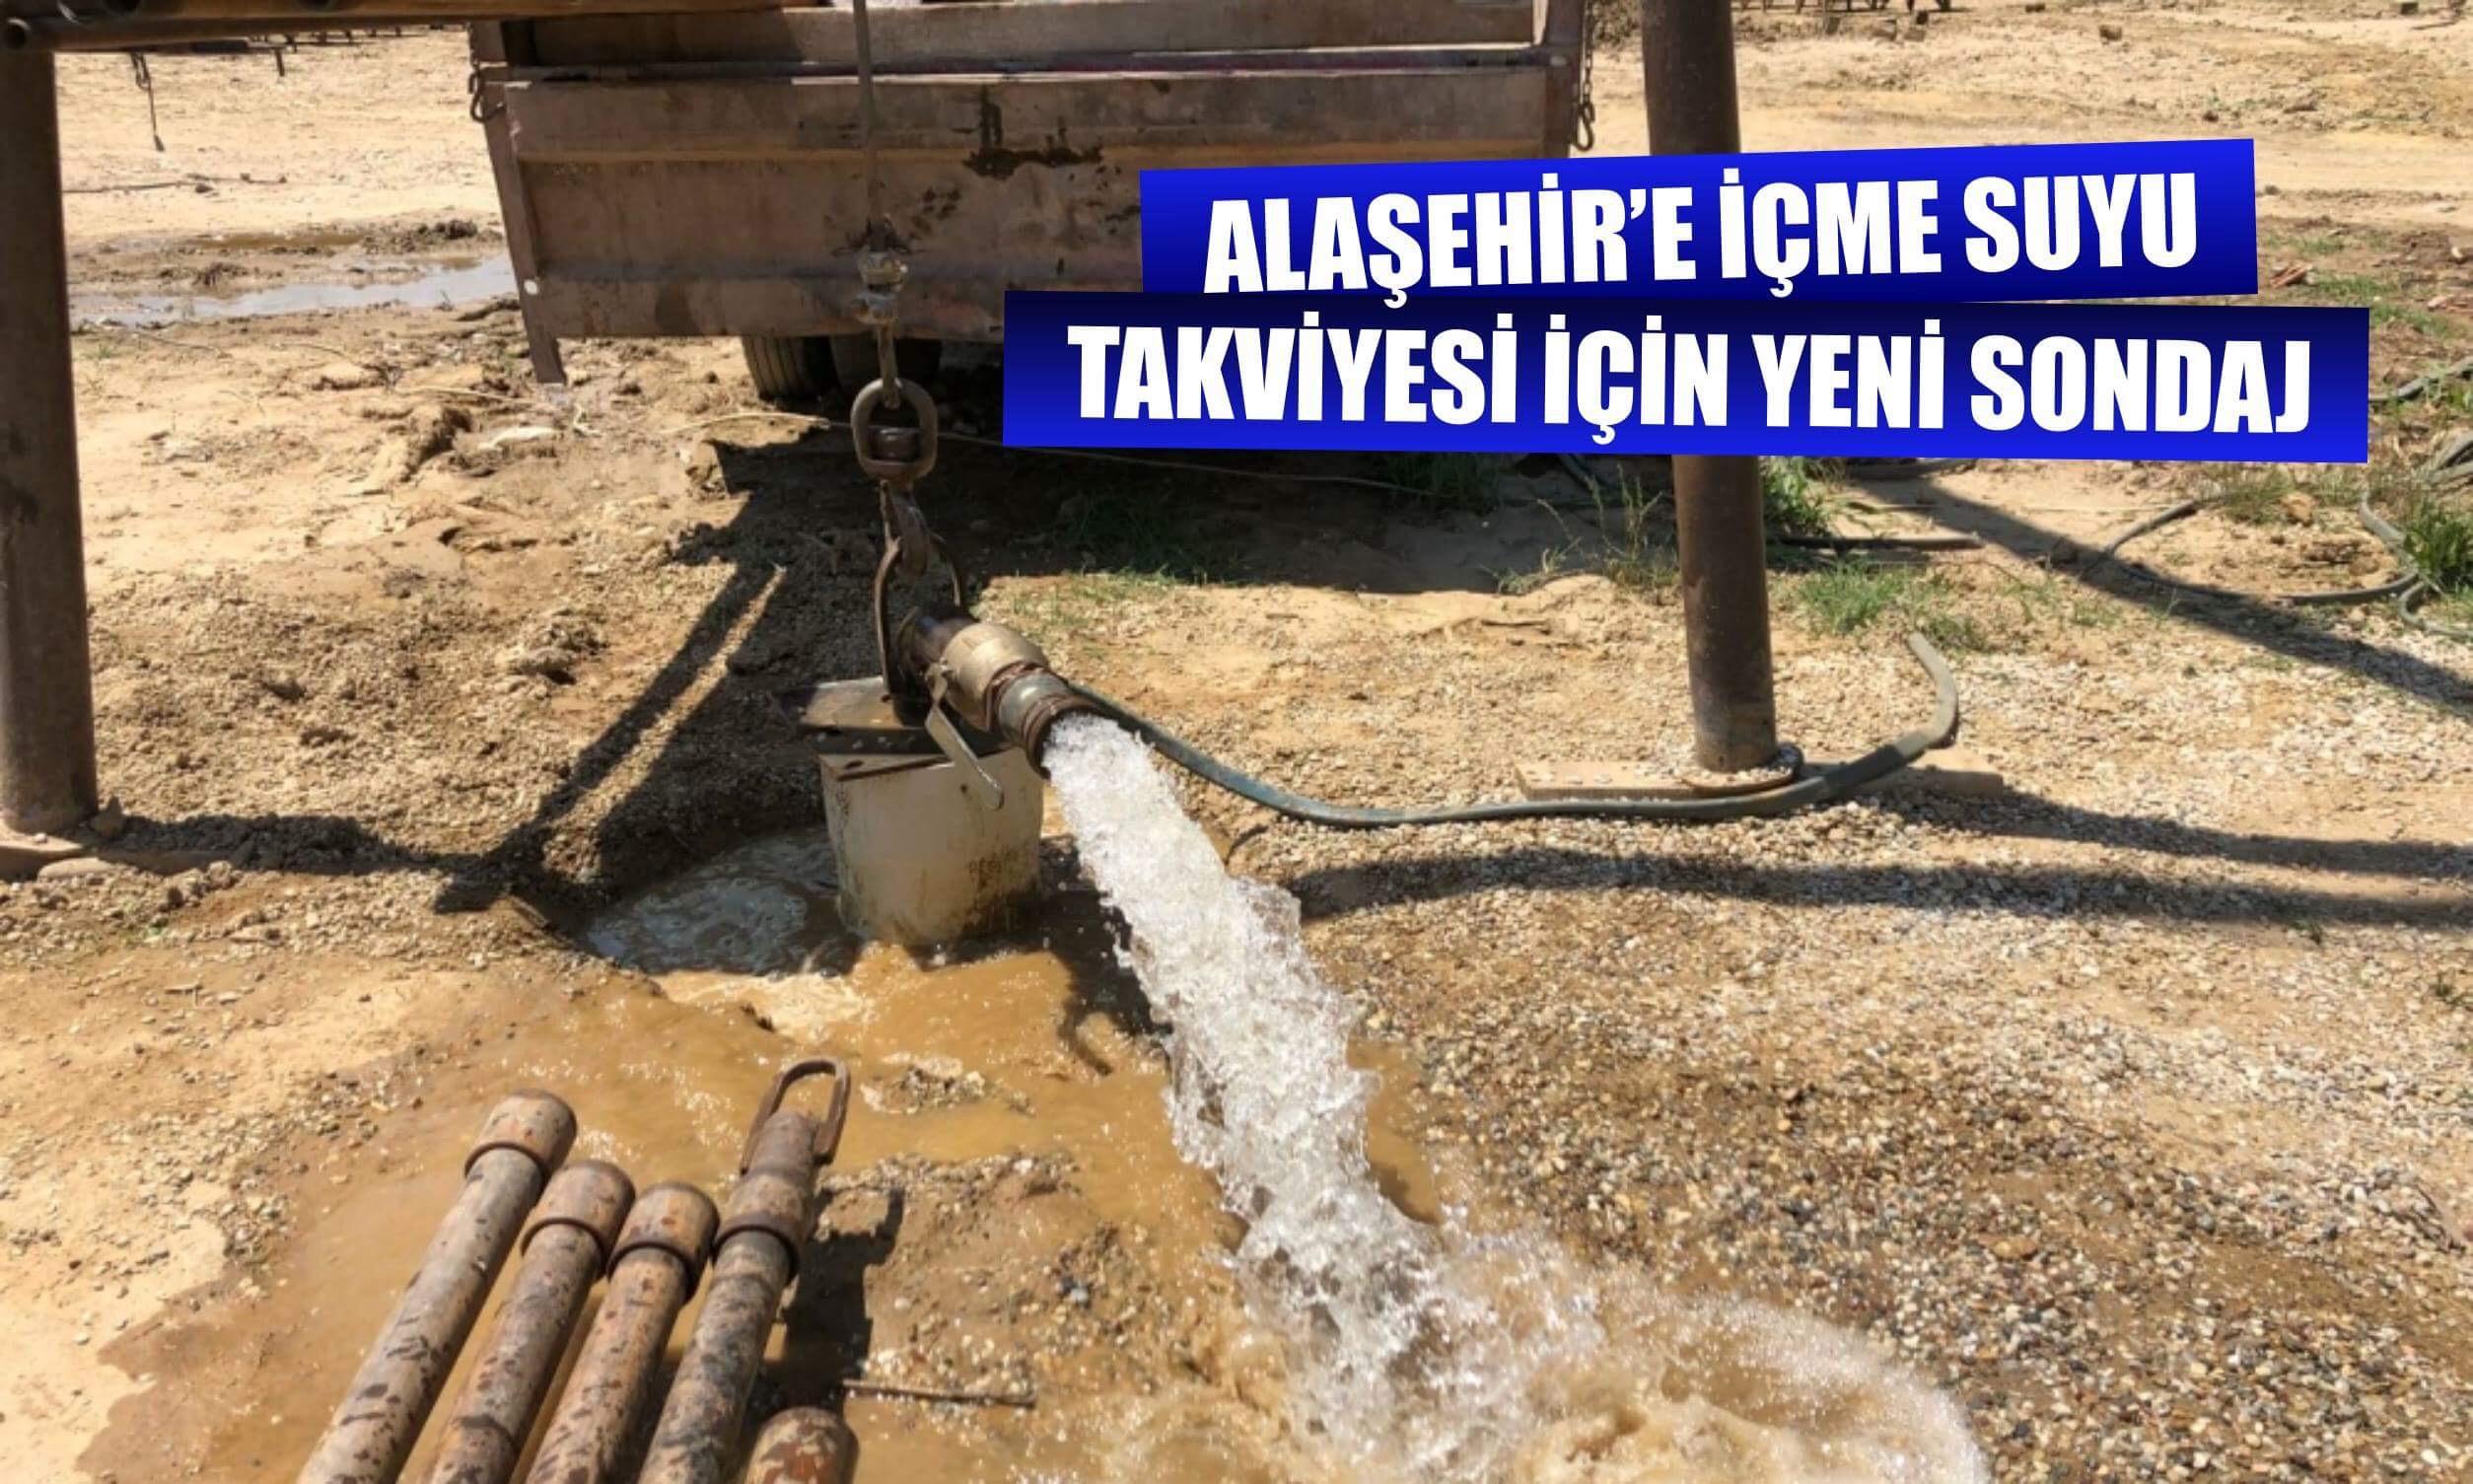 Alaşehir'e İçme Suyu Takviyesi İçin Yeni Sondaj